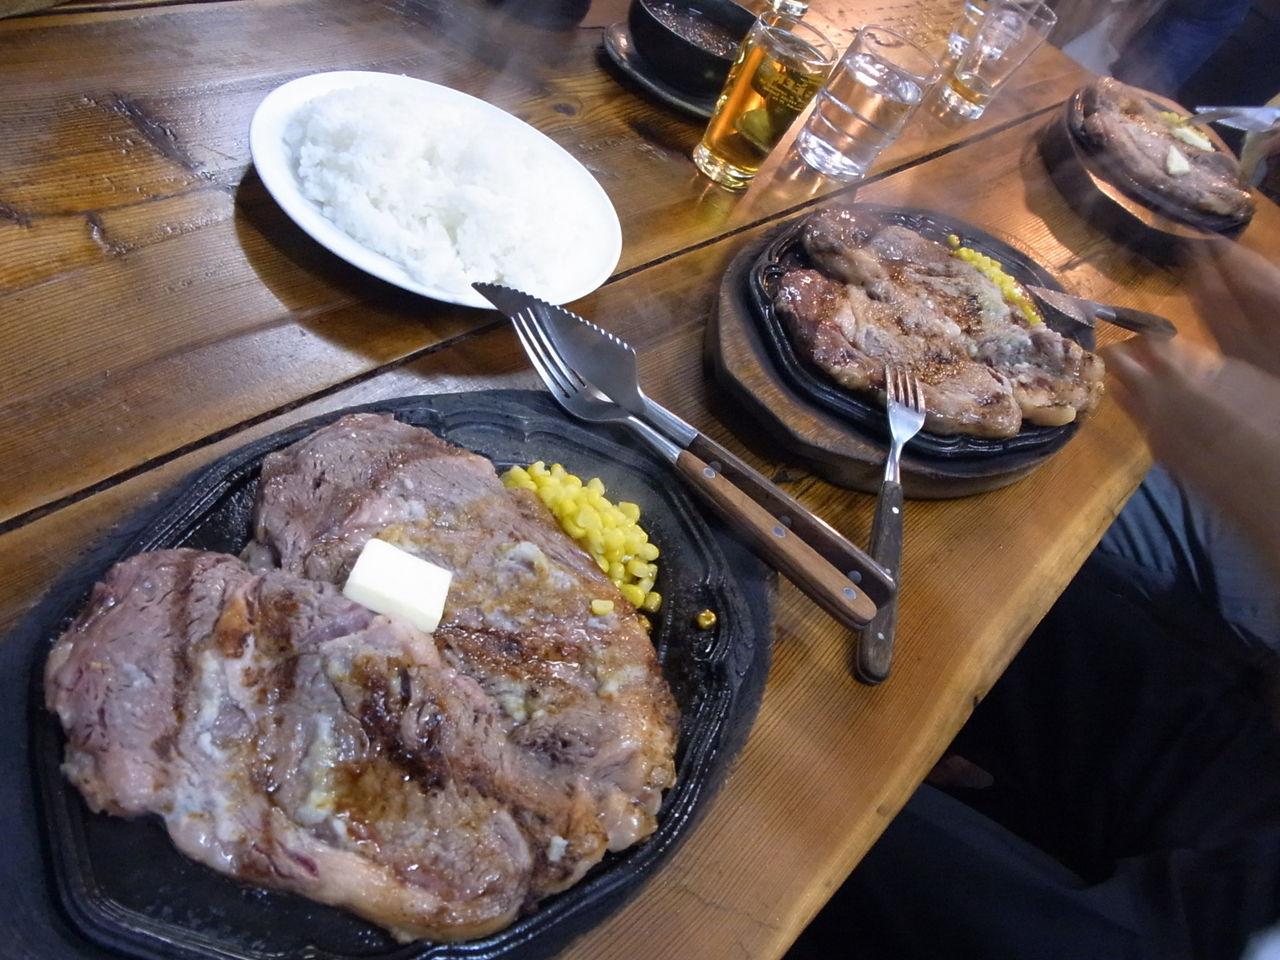 曙がステーキ店をオープン 640グラムの曙ステーキ(4800円)が看板メニュー